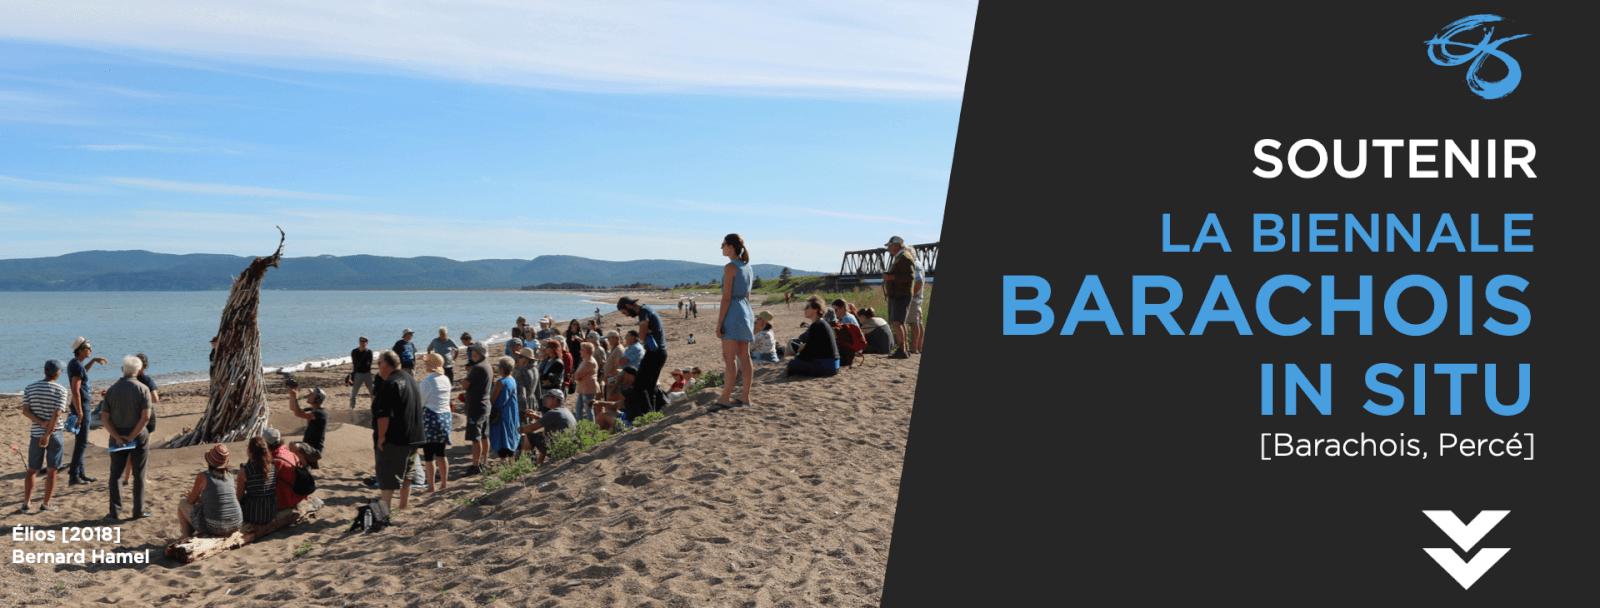 Soutenir La Biennale Barachois In Situ